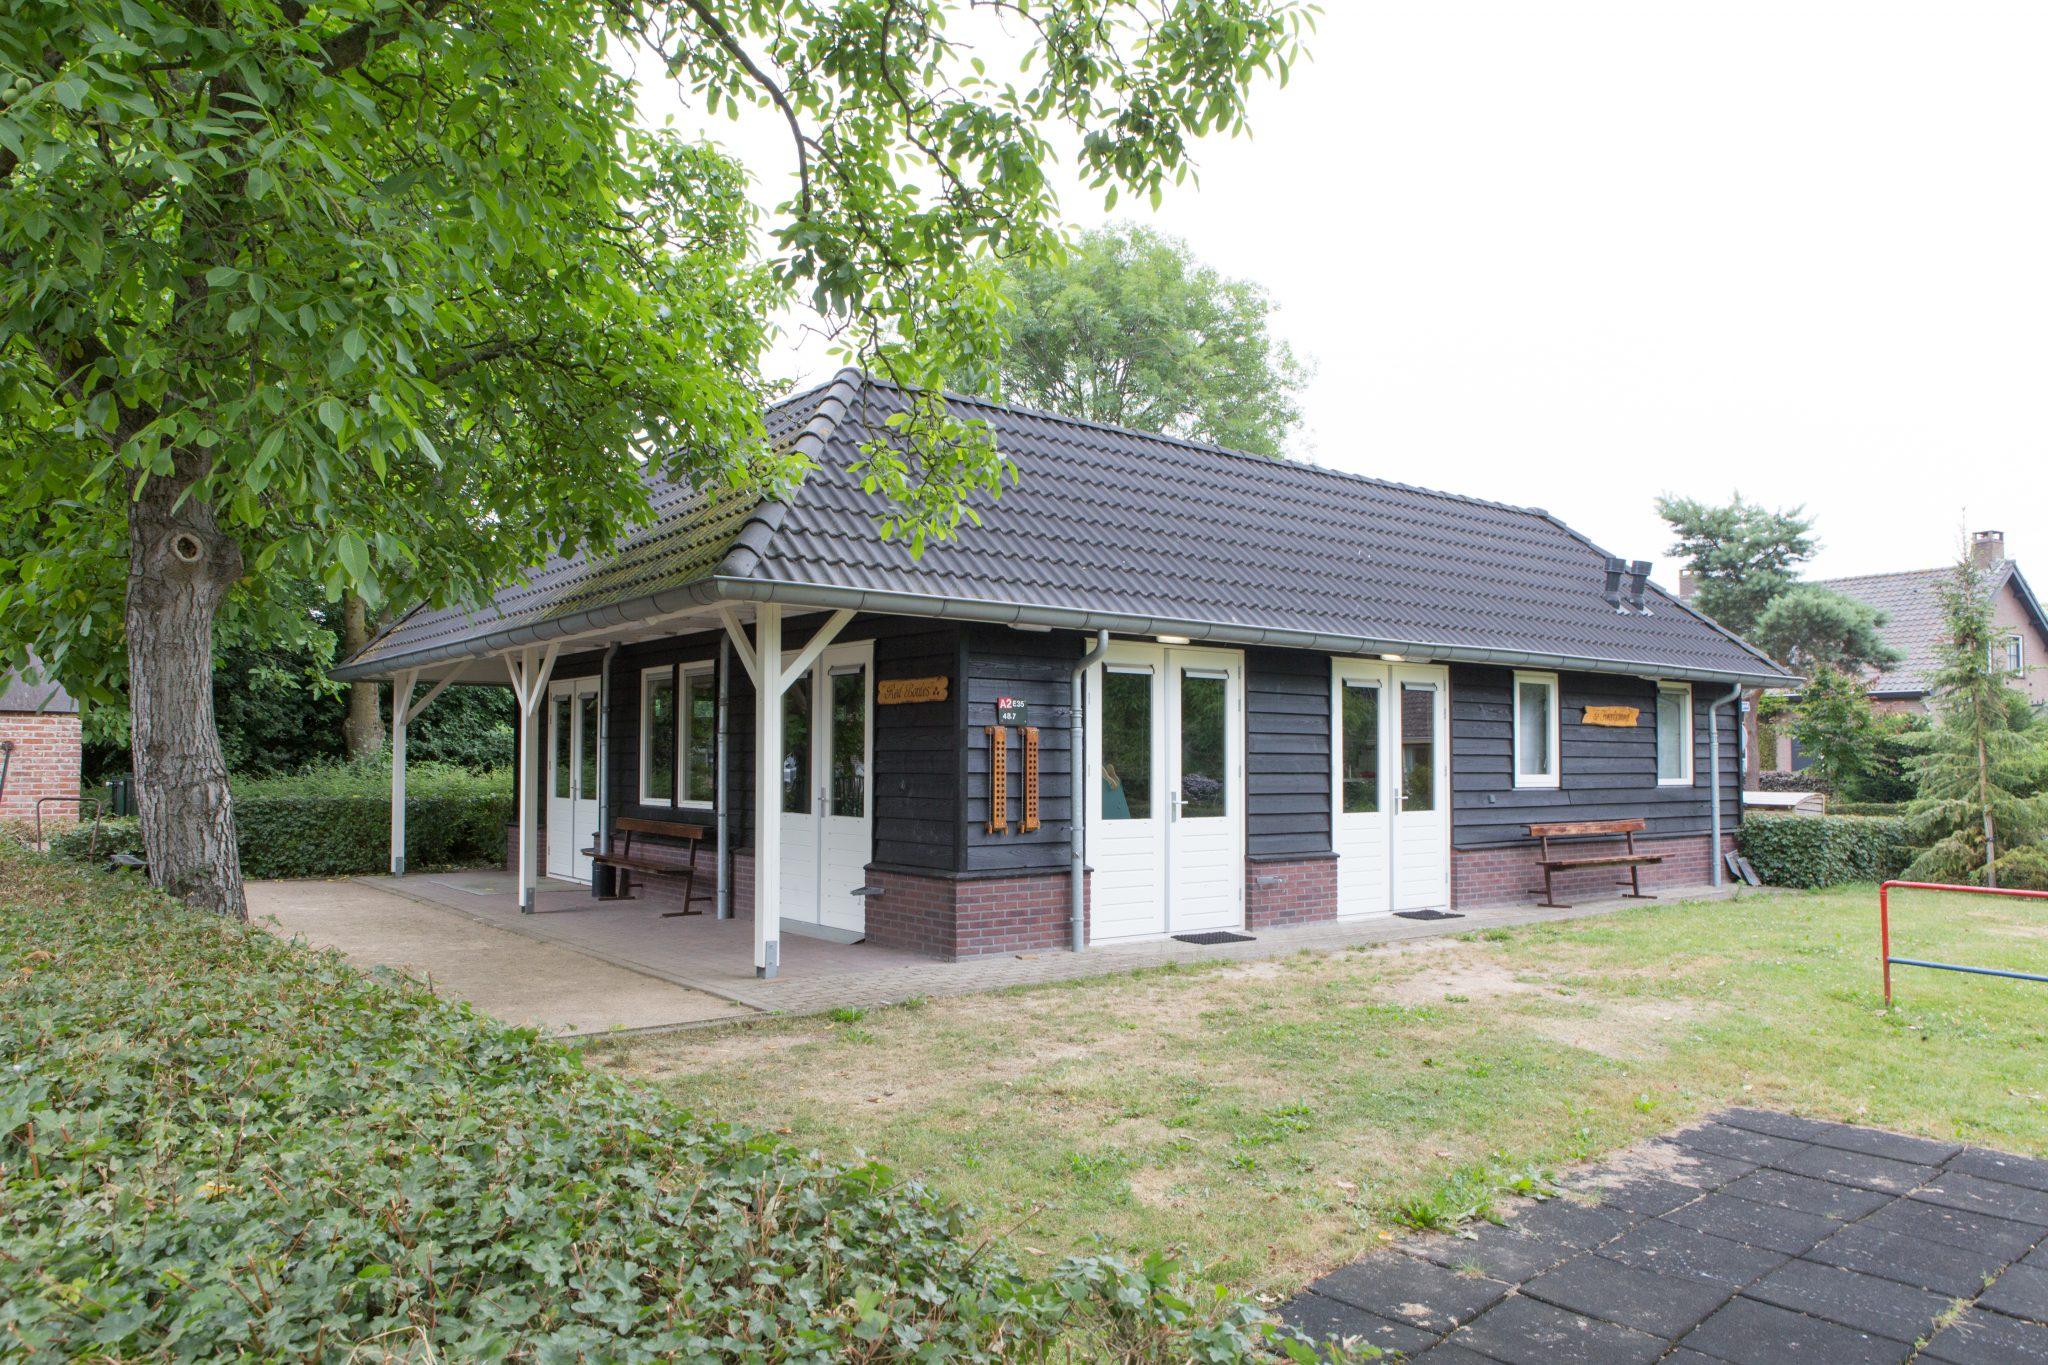 Buurthuis de Heerlijckheyt